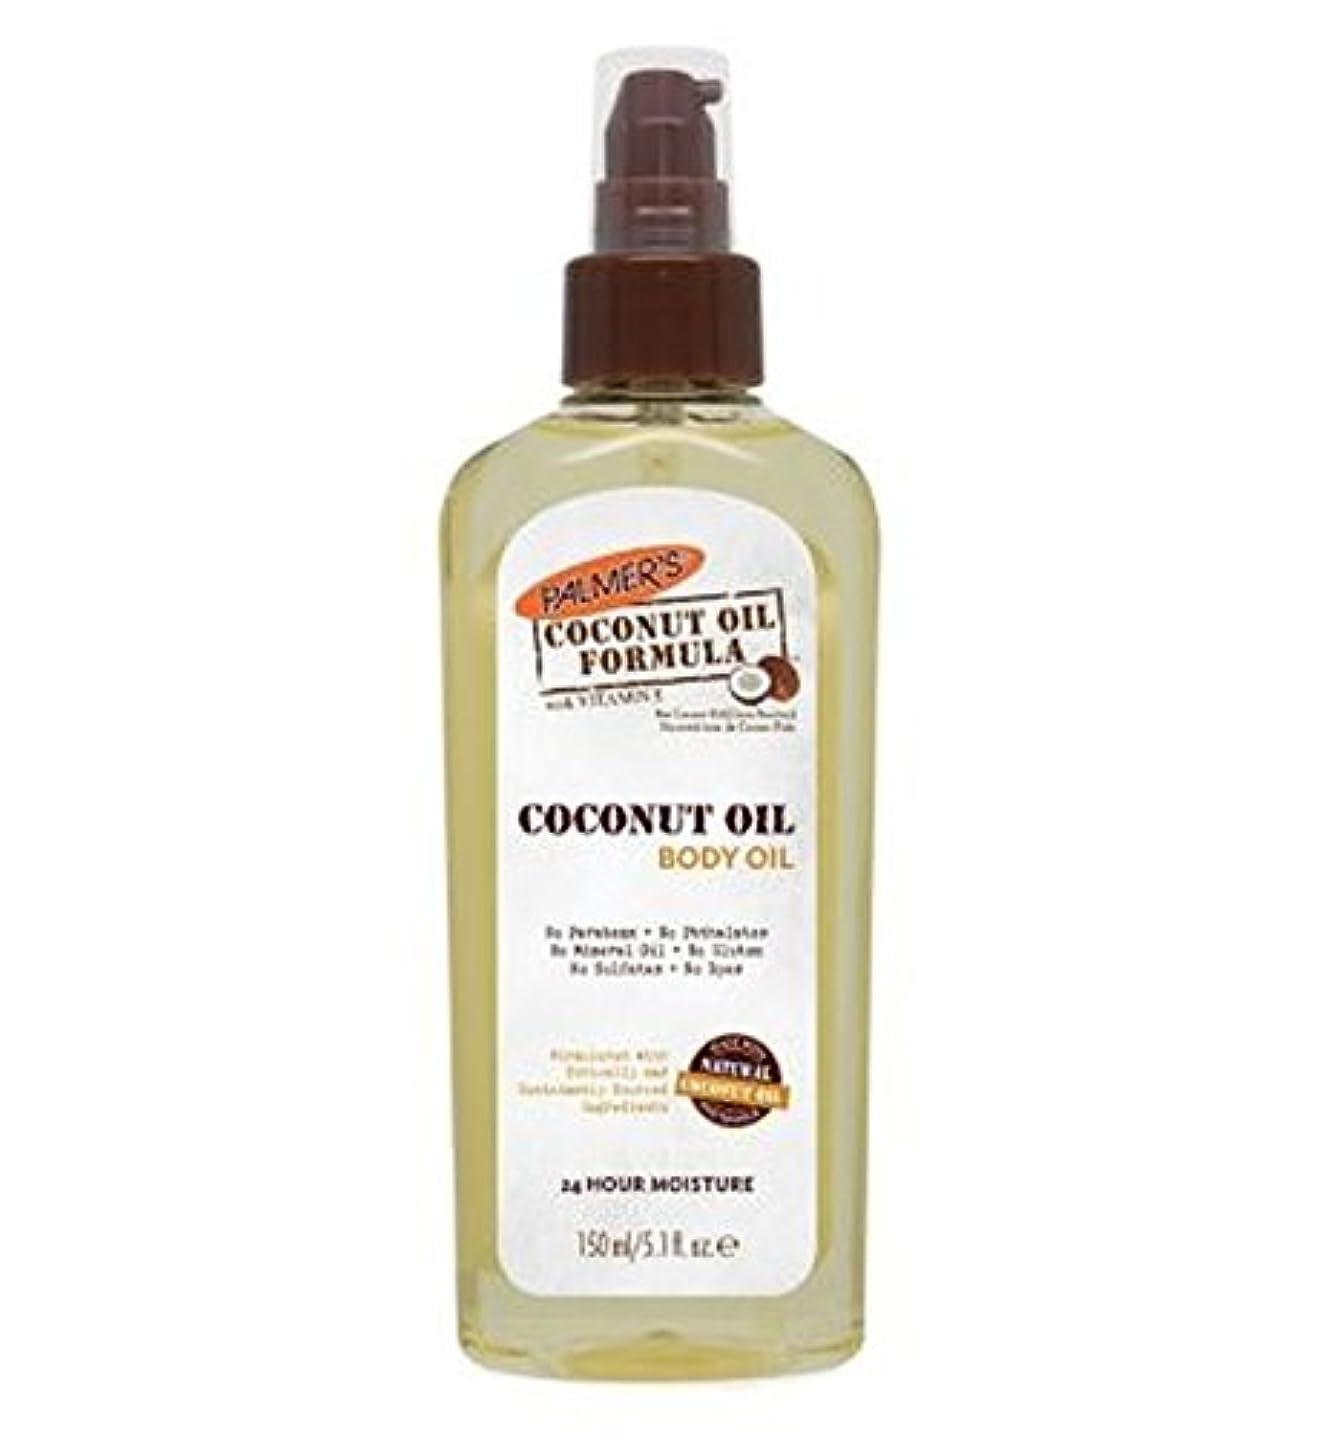 近代化する圧縮された多年生Palmer's Coconut Oil Formula Body Oil 150ml - パーマーのココナッツオイル式ボディオイル150ミリリットル (Palmer's) [並行輸入品]